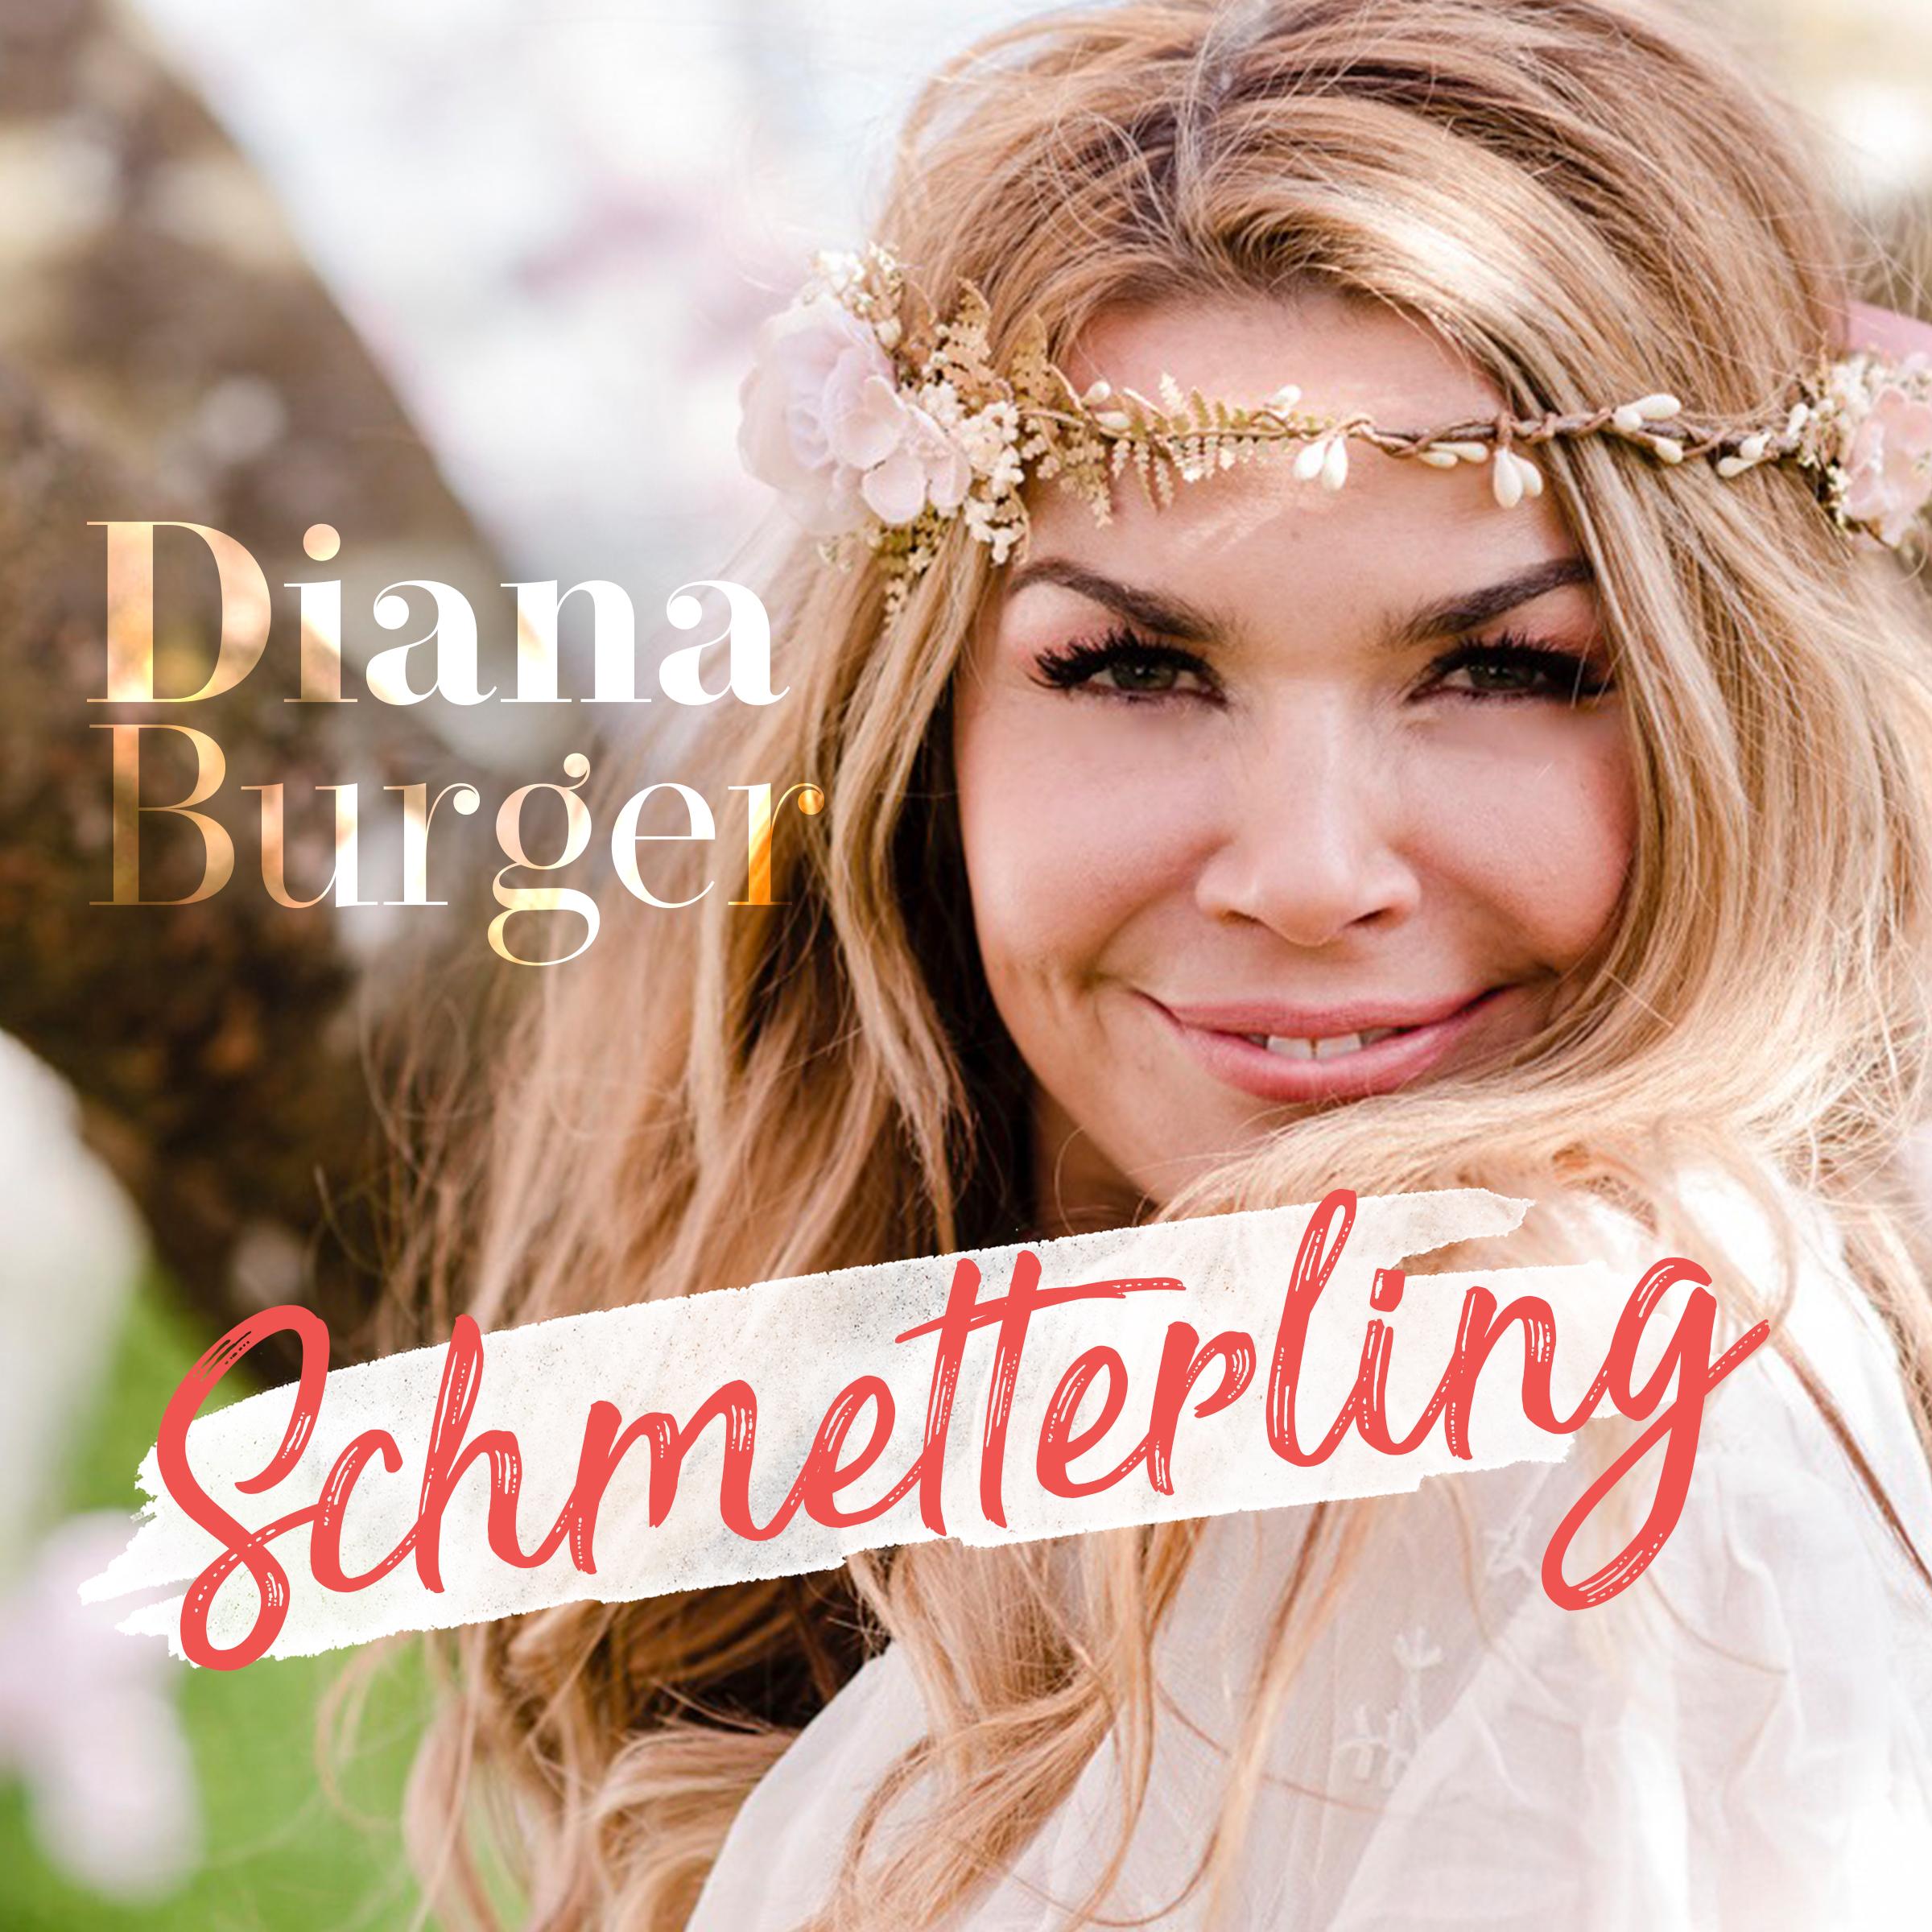 DIANA BURGER * Schmetterling (Download-Single) -- Vorstellung heute Abend (27.11.2020) in der Sendung \